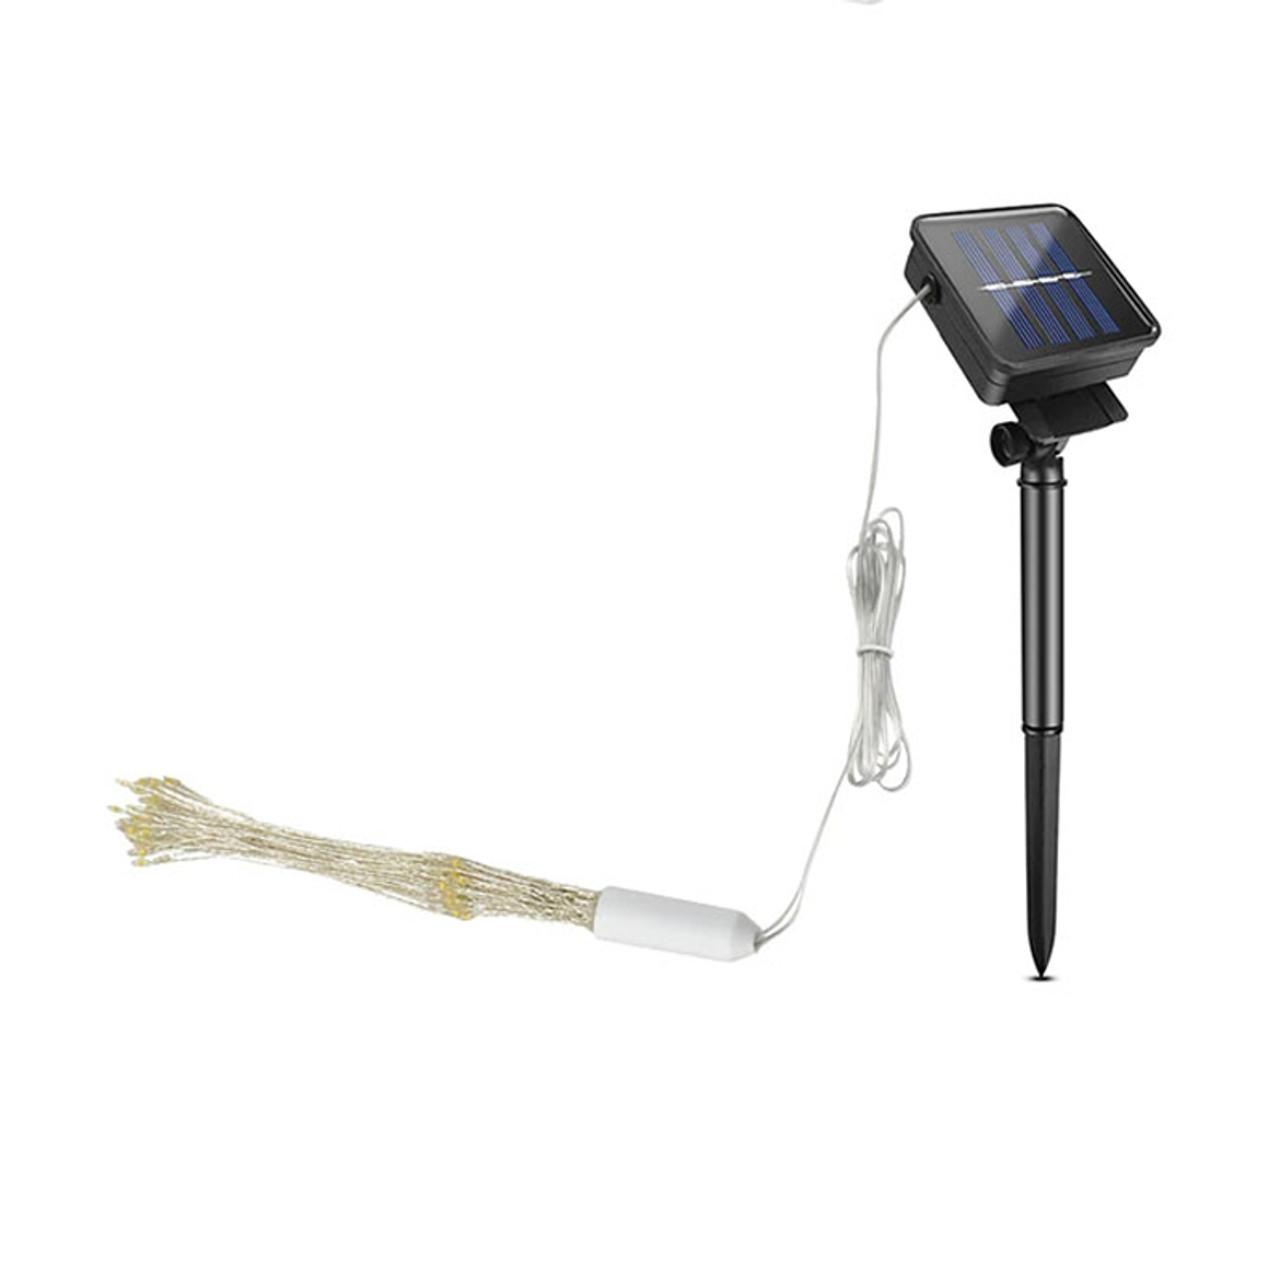 2-Pack Fireworks Solar String Light